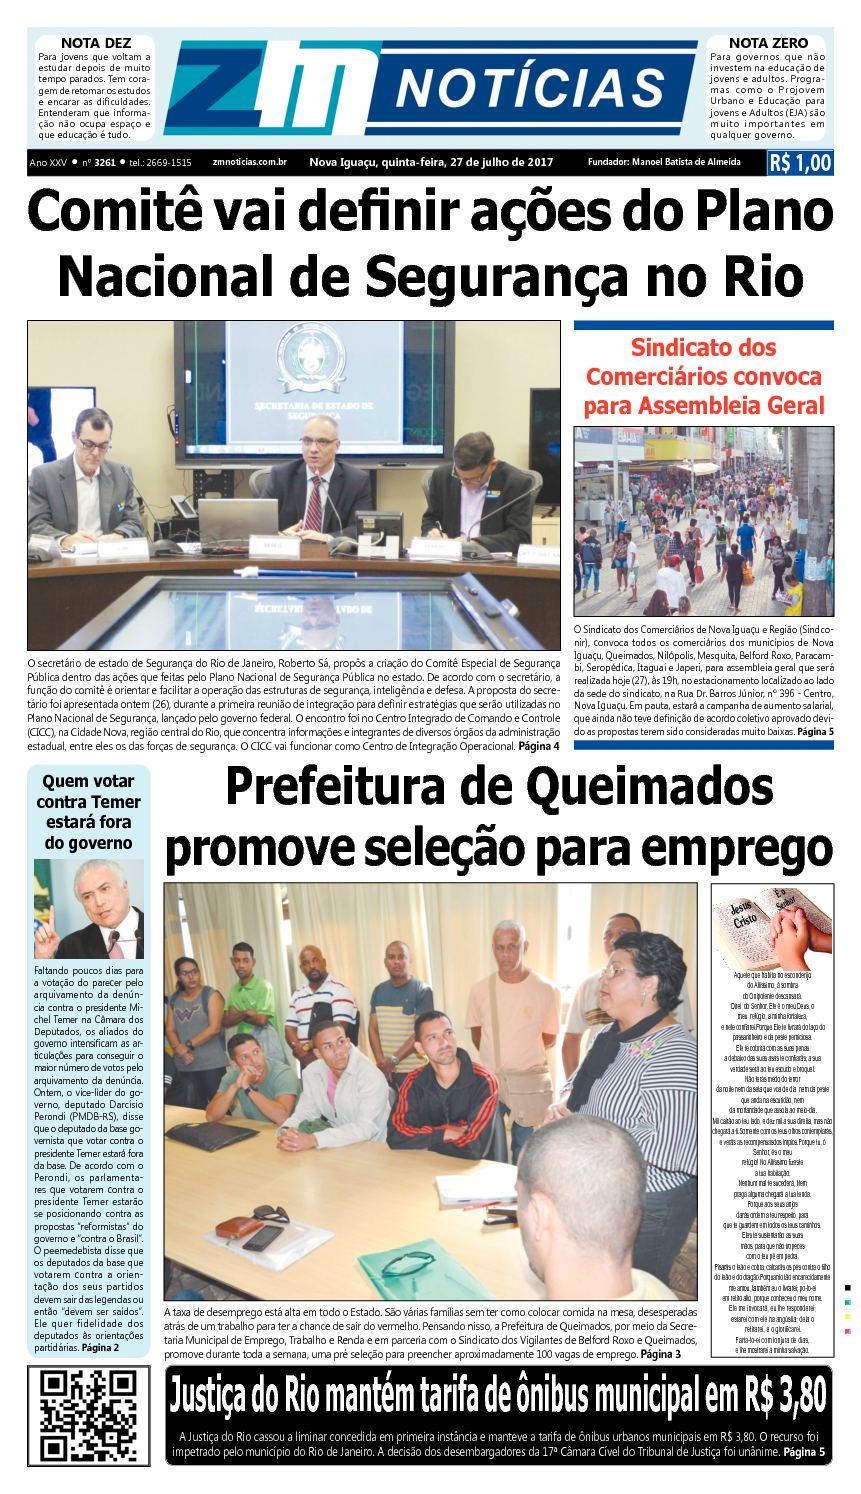 ZM Noticias - Edição 270717